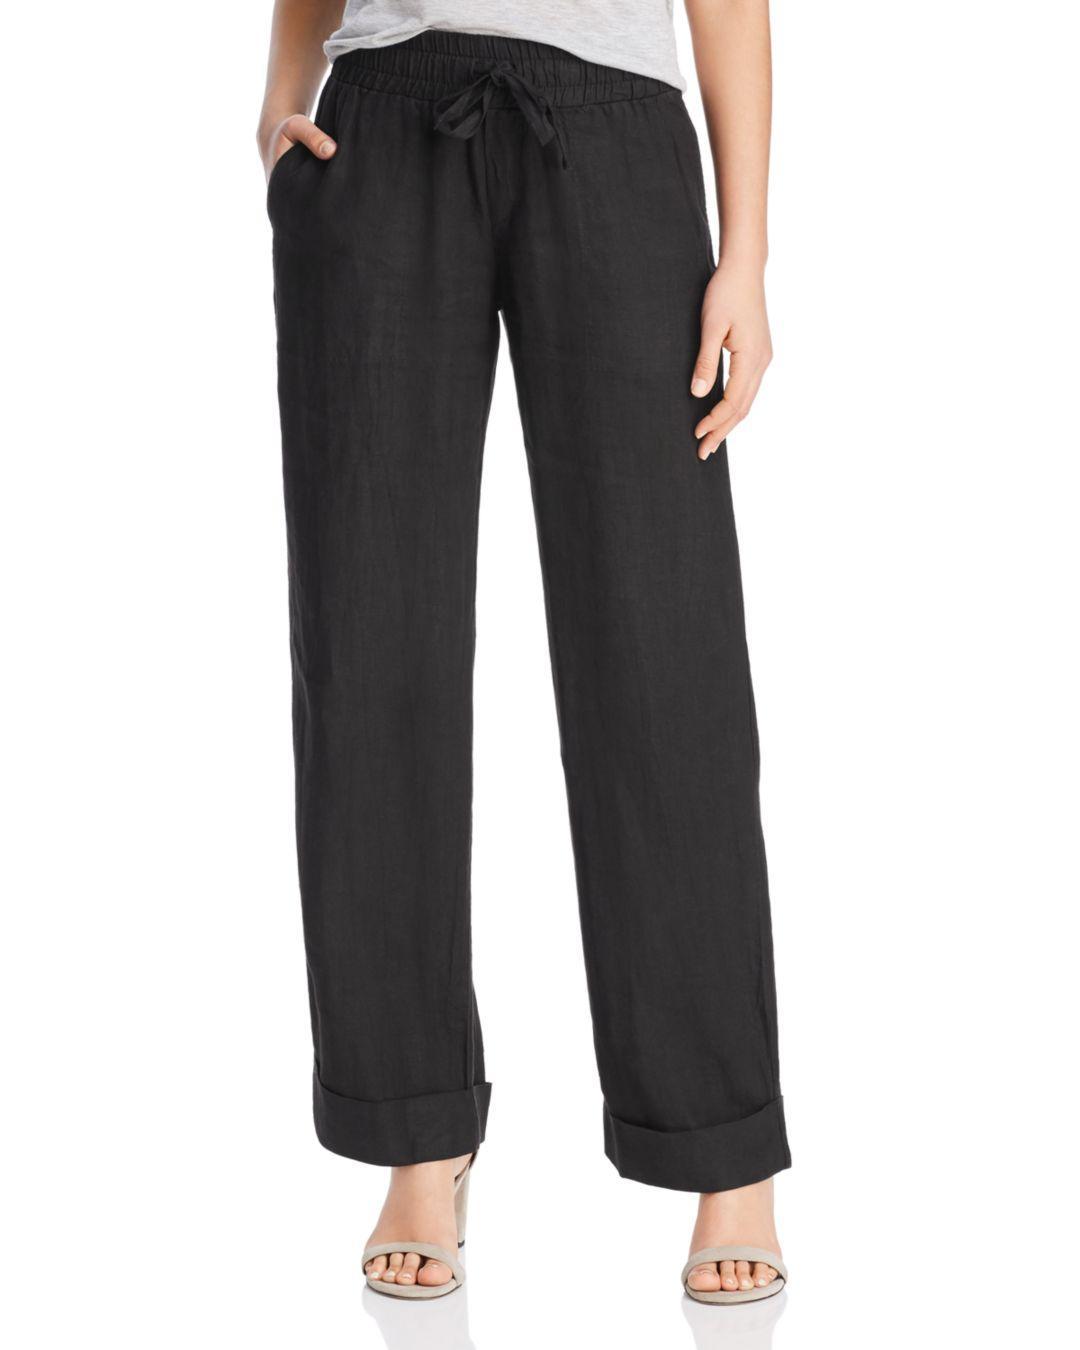 55b4f501f6 Lyst - Three Dots Linen Beach Pants in Black